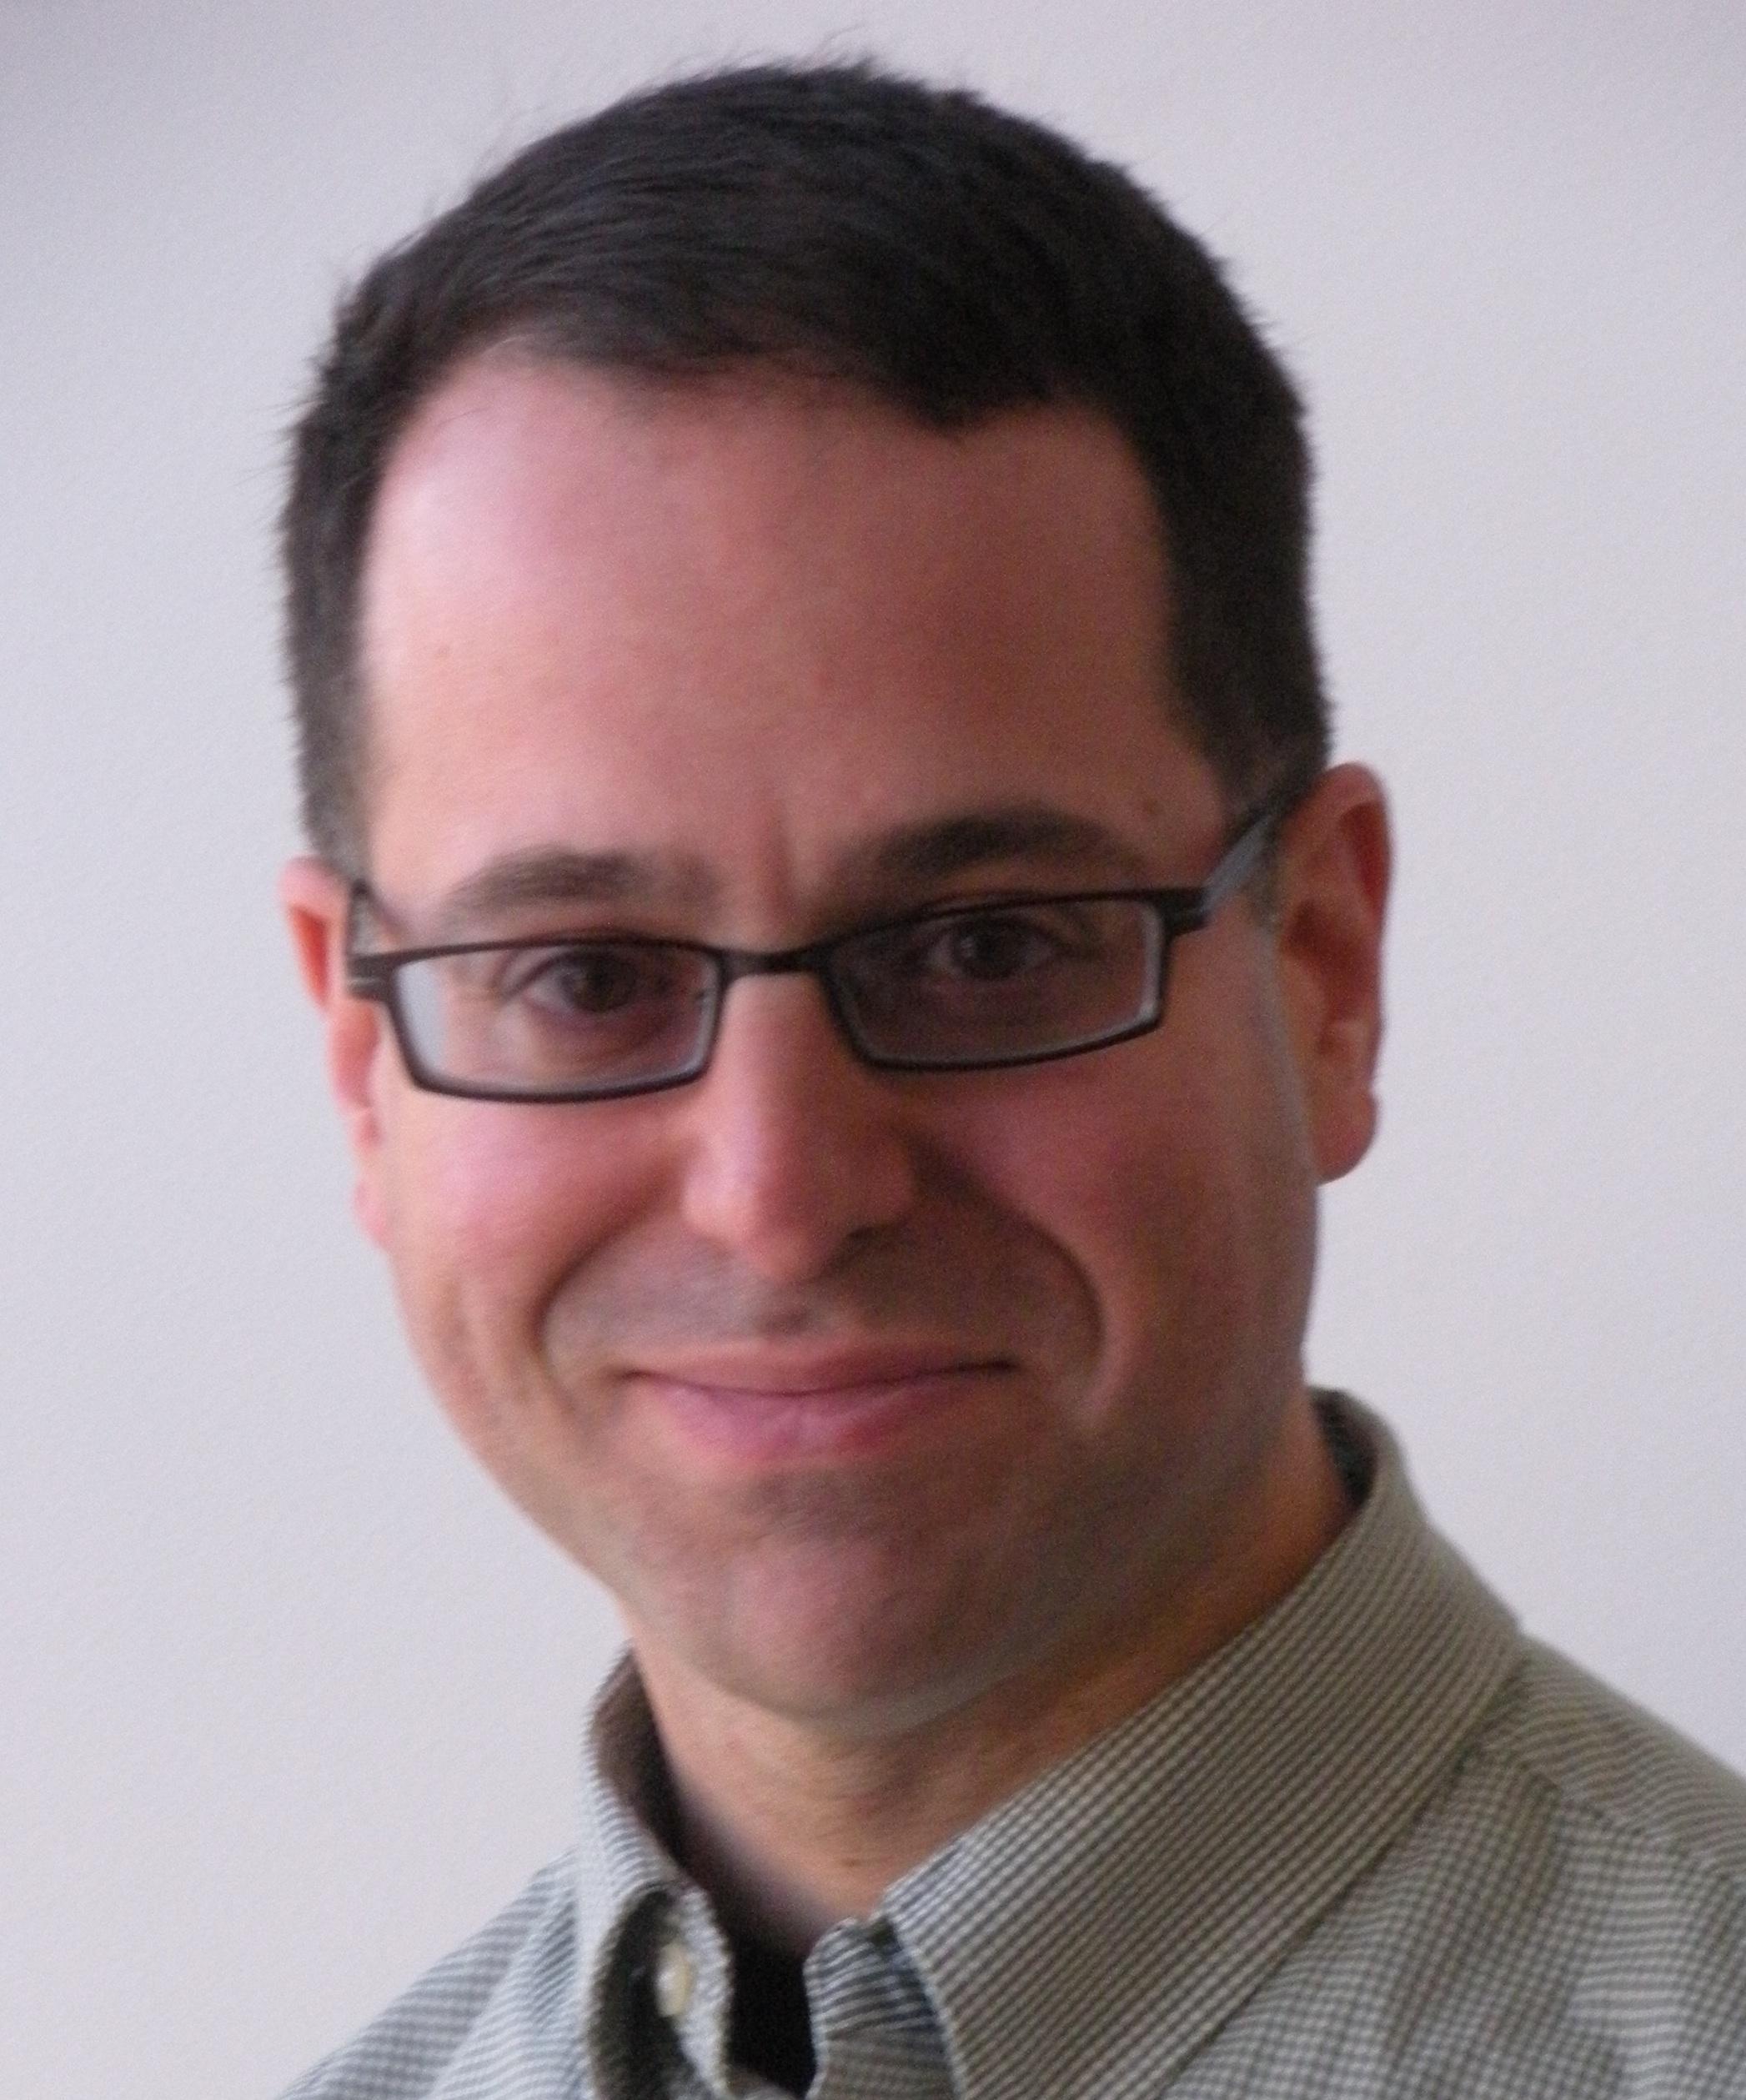 Description Tom-Limoncelli-face-hires.jpg